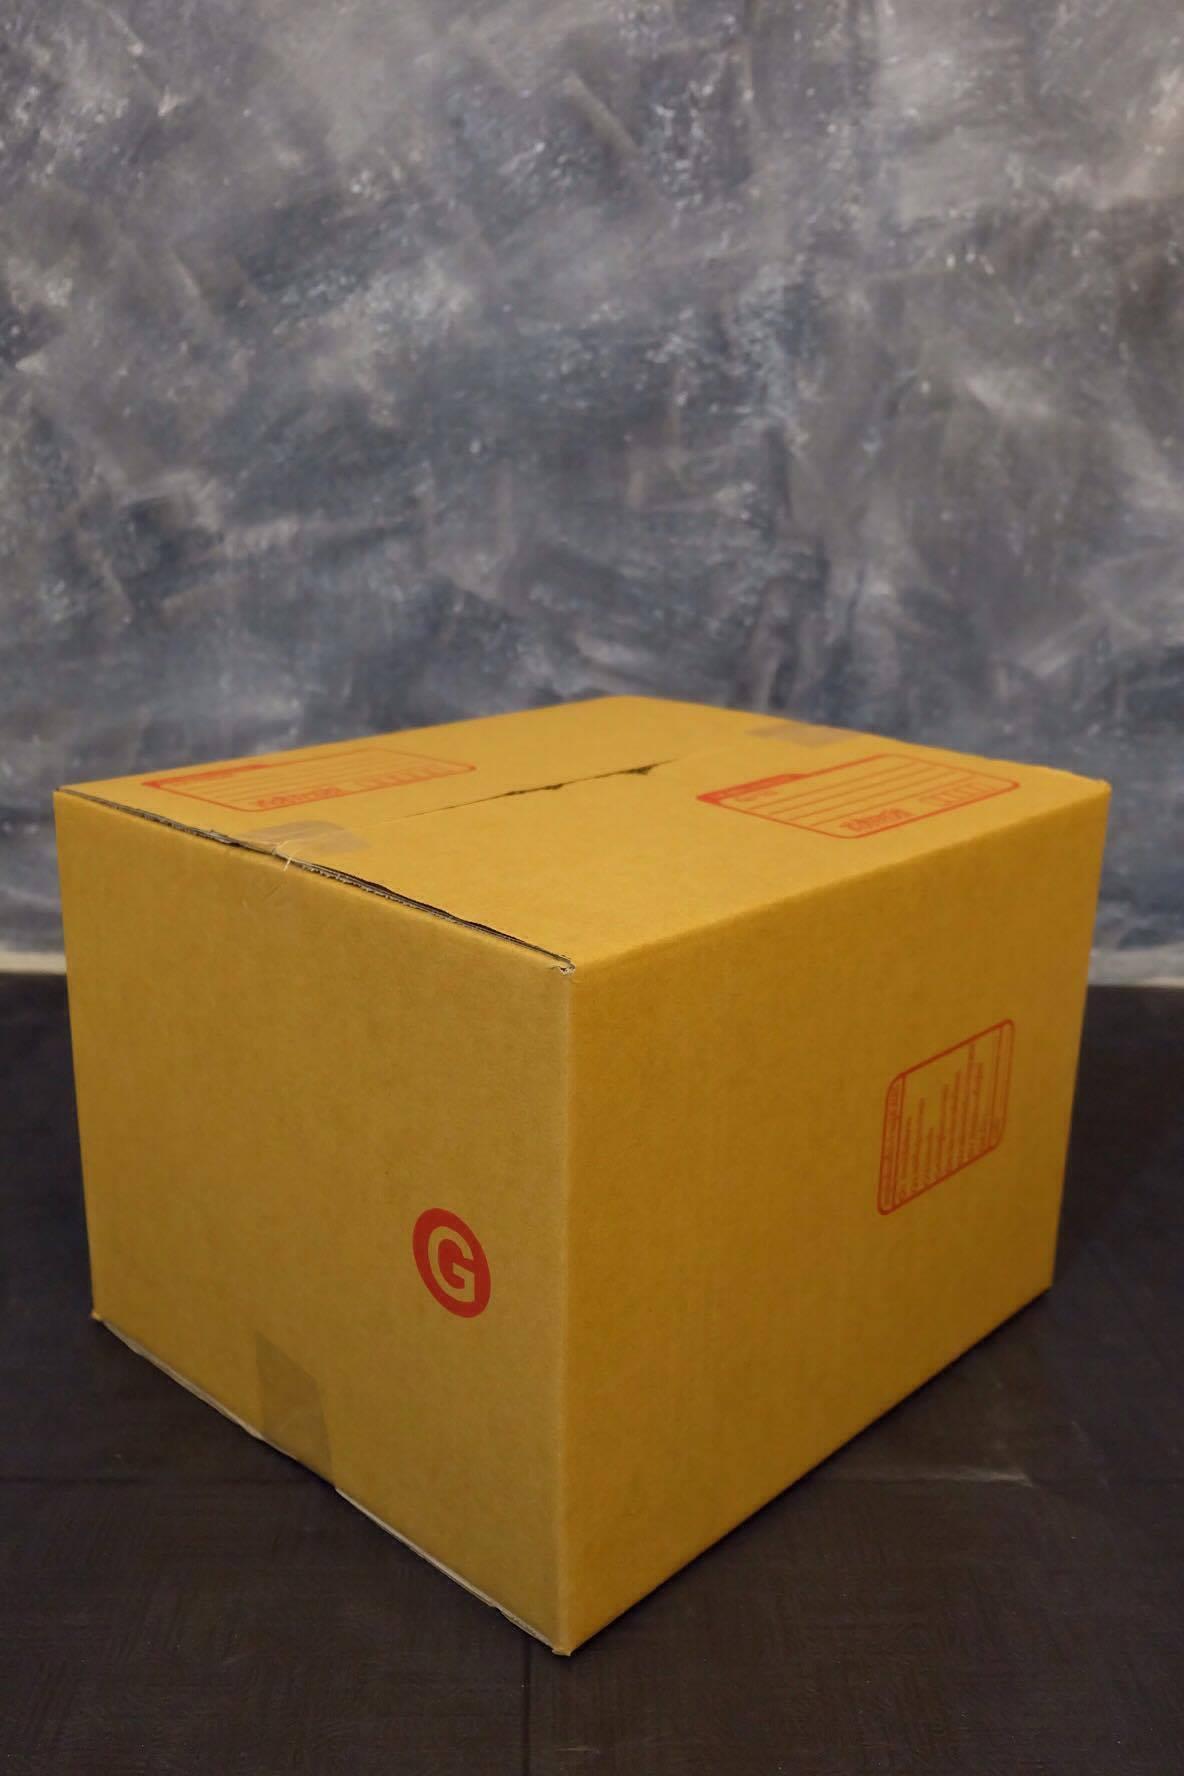 กล่องพัสดุ เบอร์ G (3) (31x36x26 cm.)